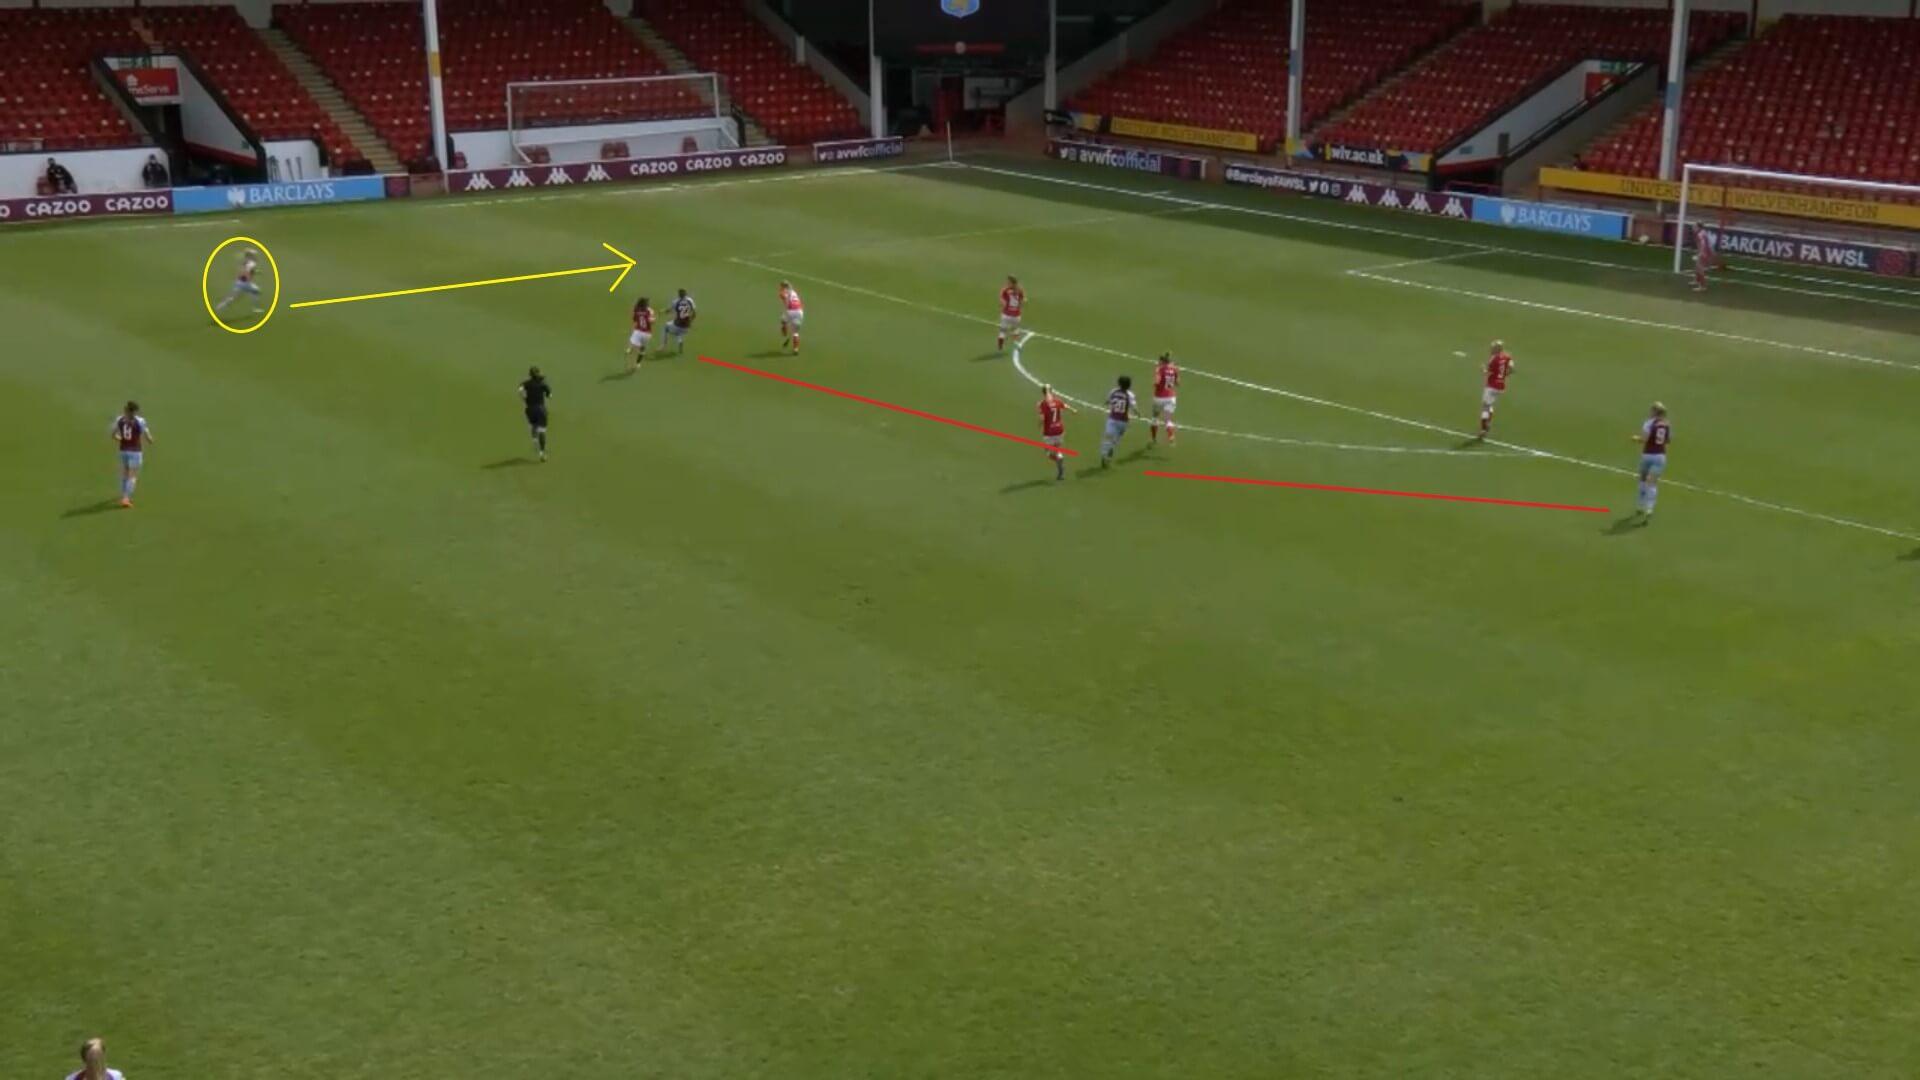 FAWSL 2020/2021: Aston Villa Women v Bristol City Women - tactical analysis tactics